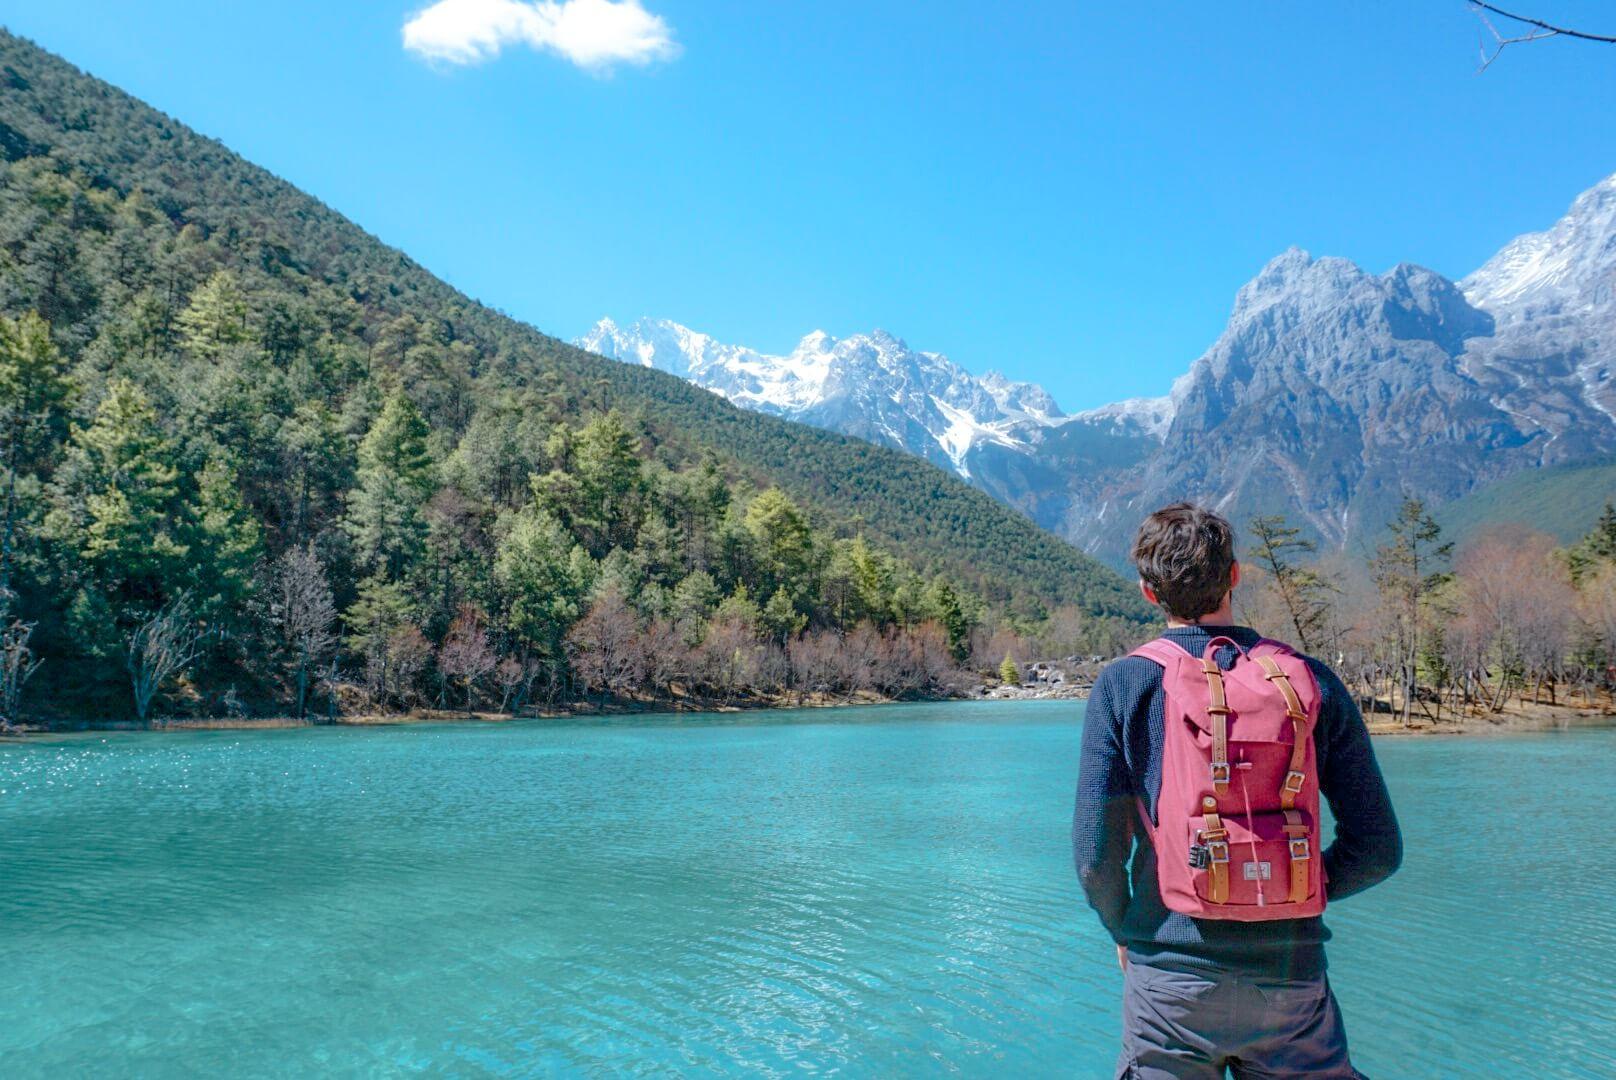 parc national blue moon vallée montagne du dragon de jade eau turquoise